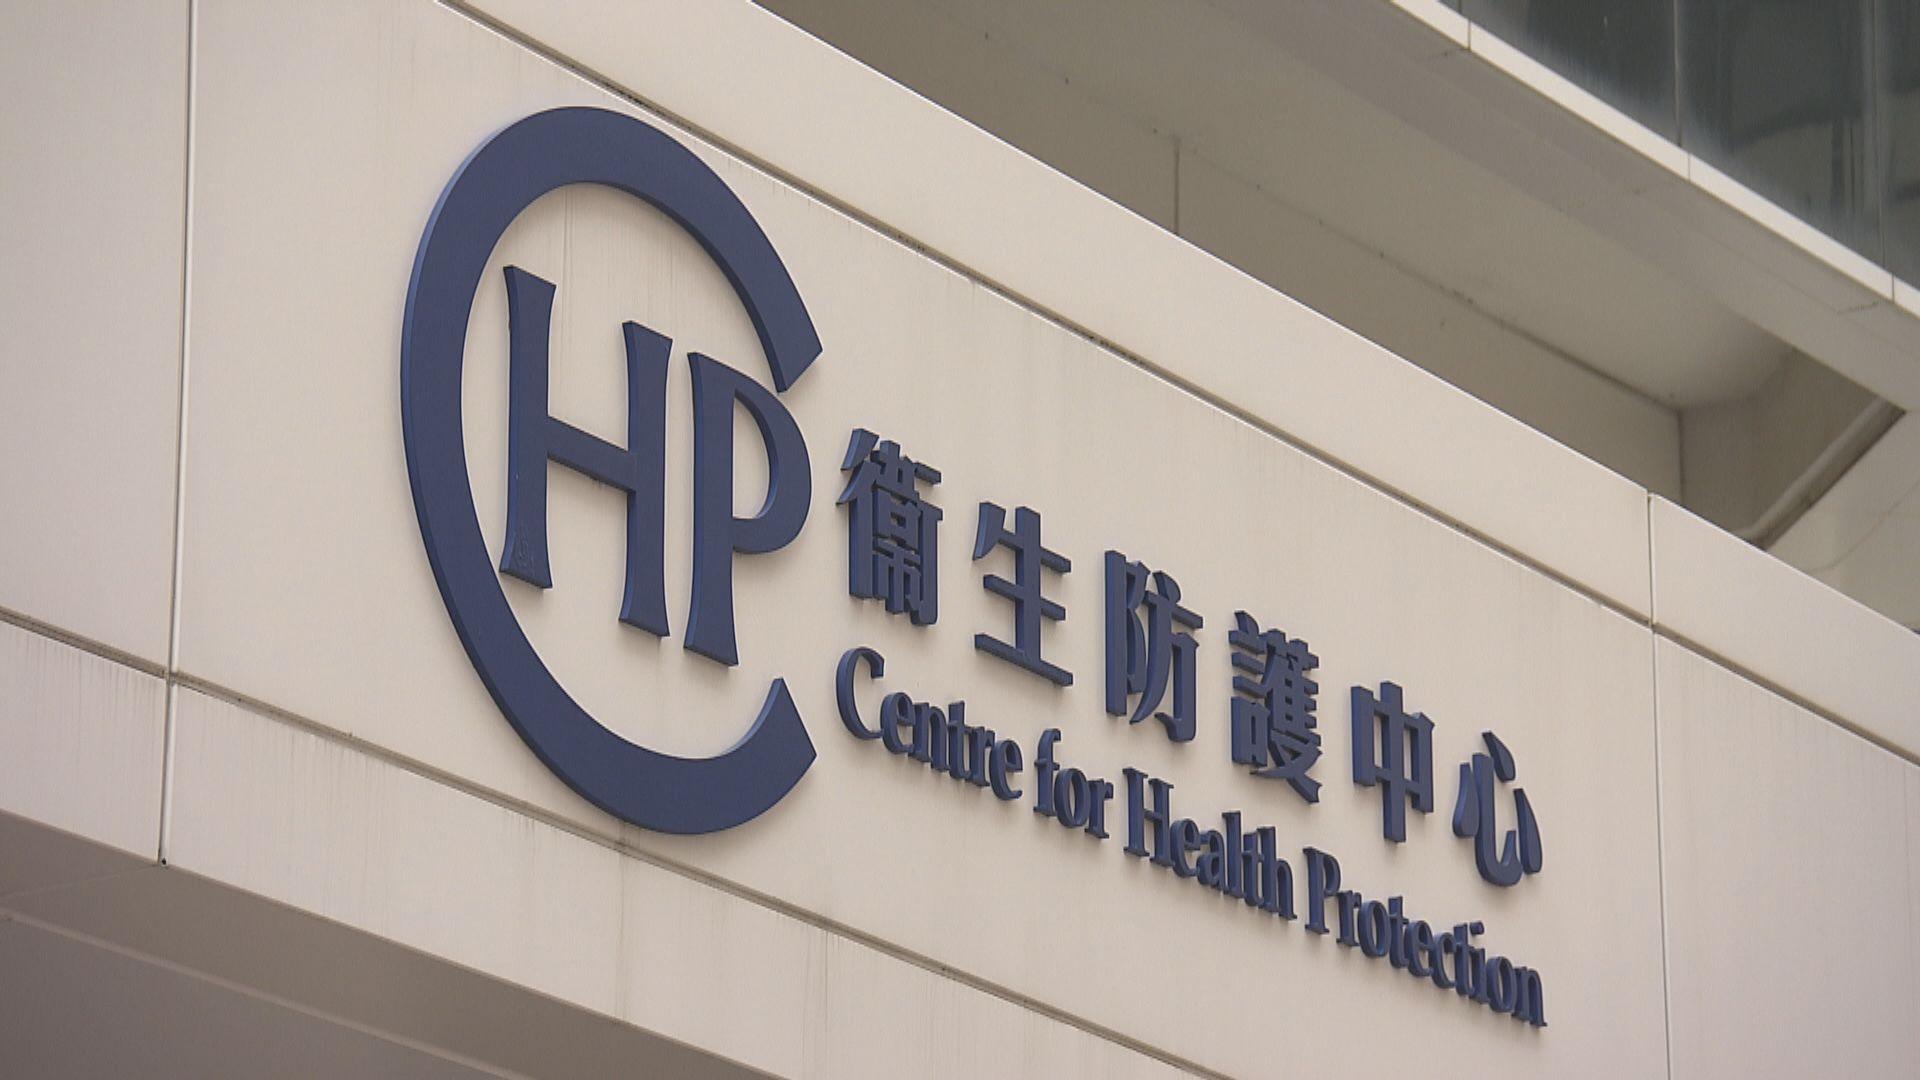 衞生防護中心:因電腦輸入錯誤而誤報結果 與檢測過程無關